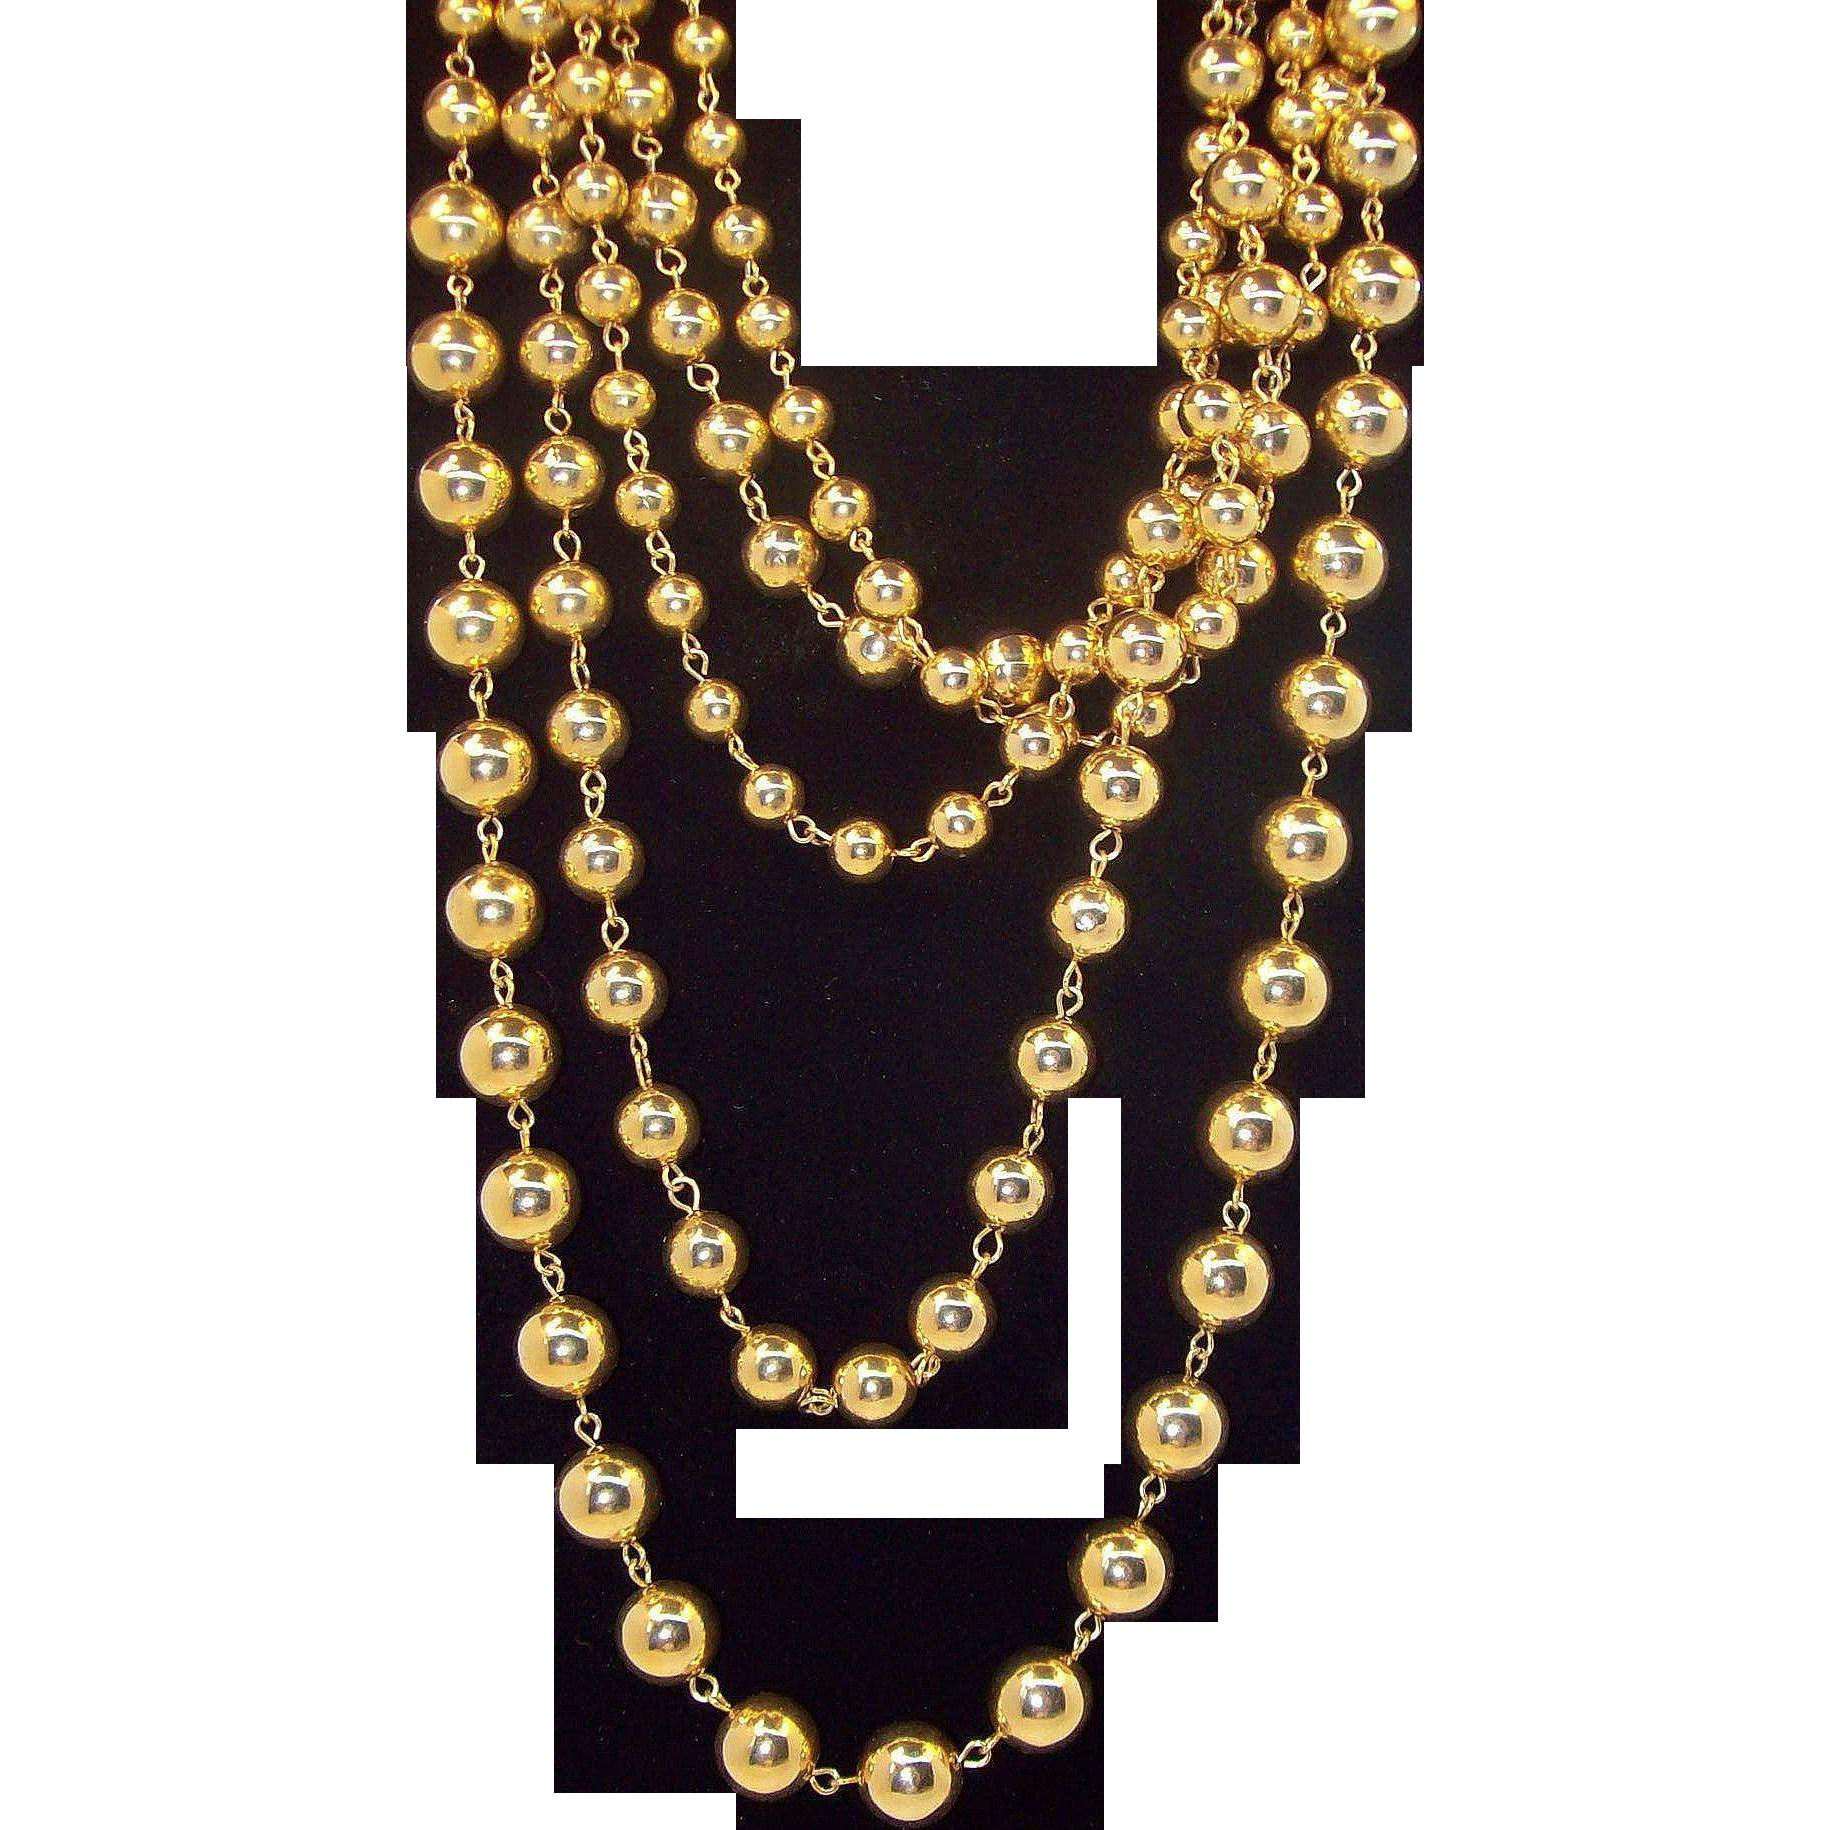 Elegant Shiny Goldtone Metal Beaded, Layered,  Multi- Strand Necklace